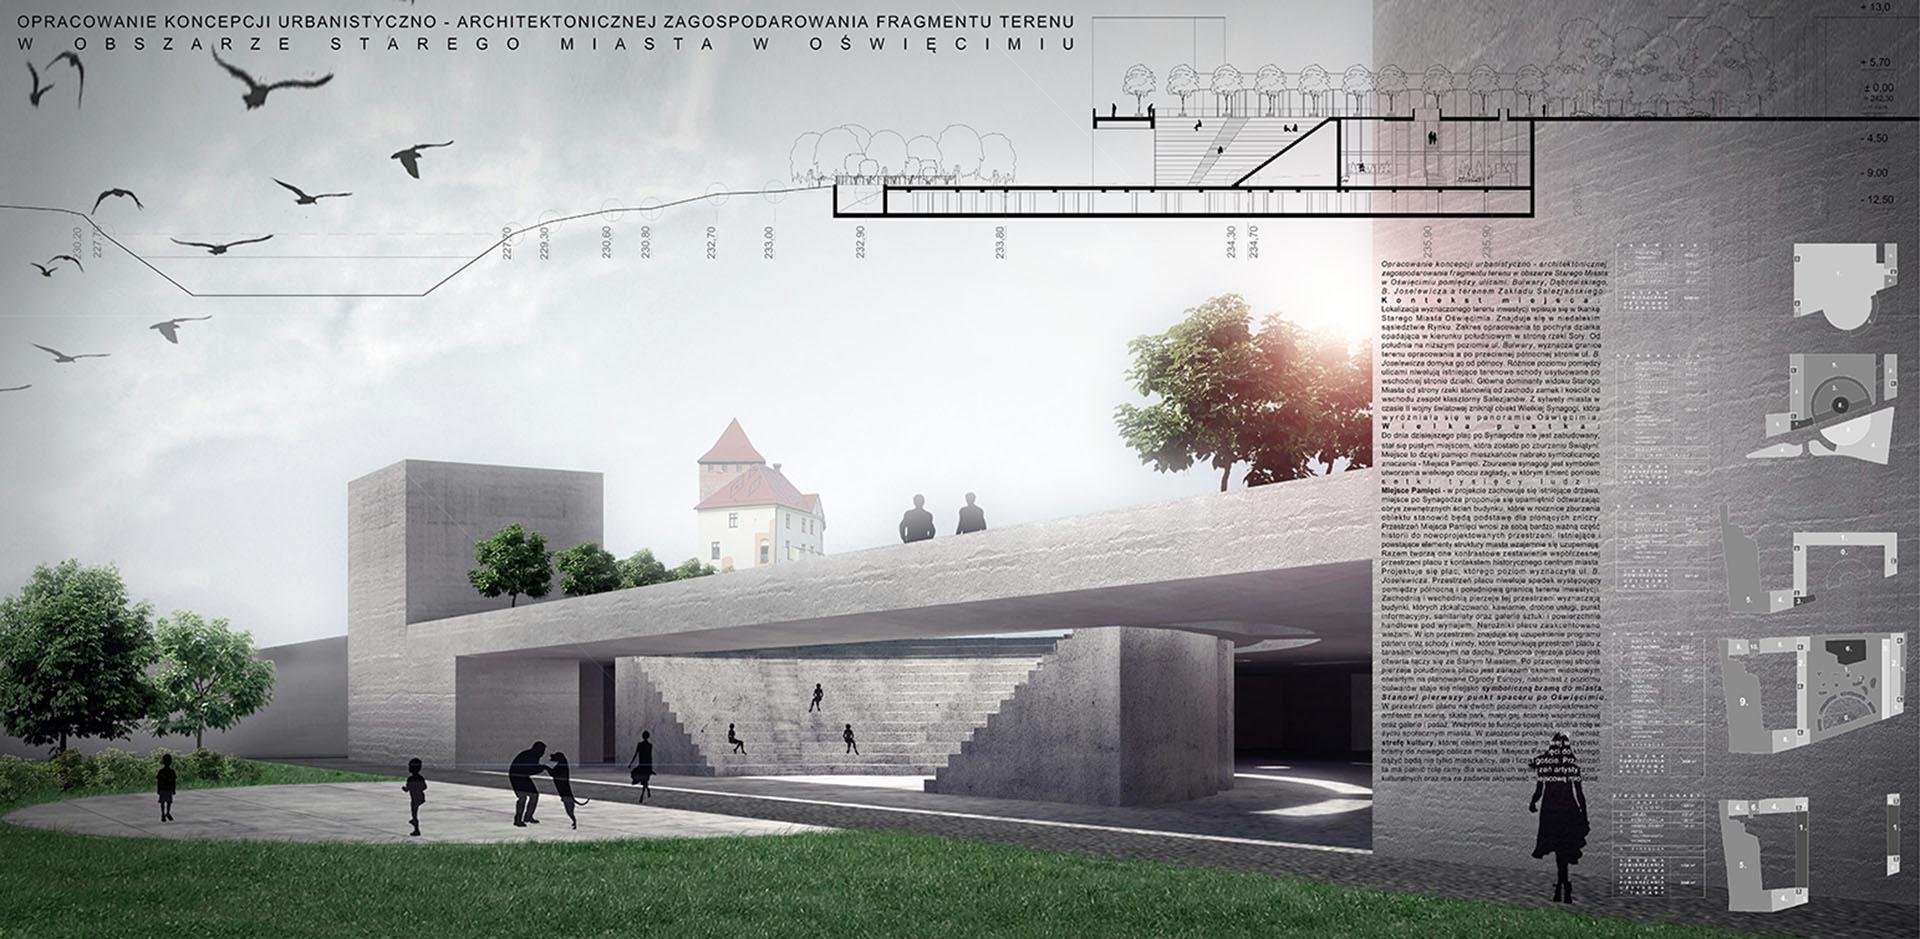 Nowe / Stare Miasto Oświęcim - plansza 1